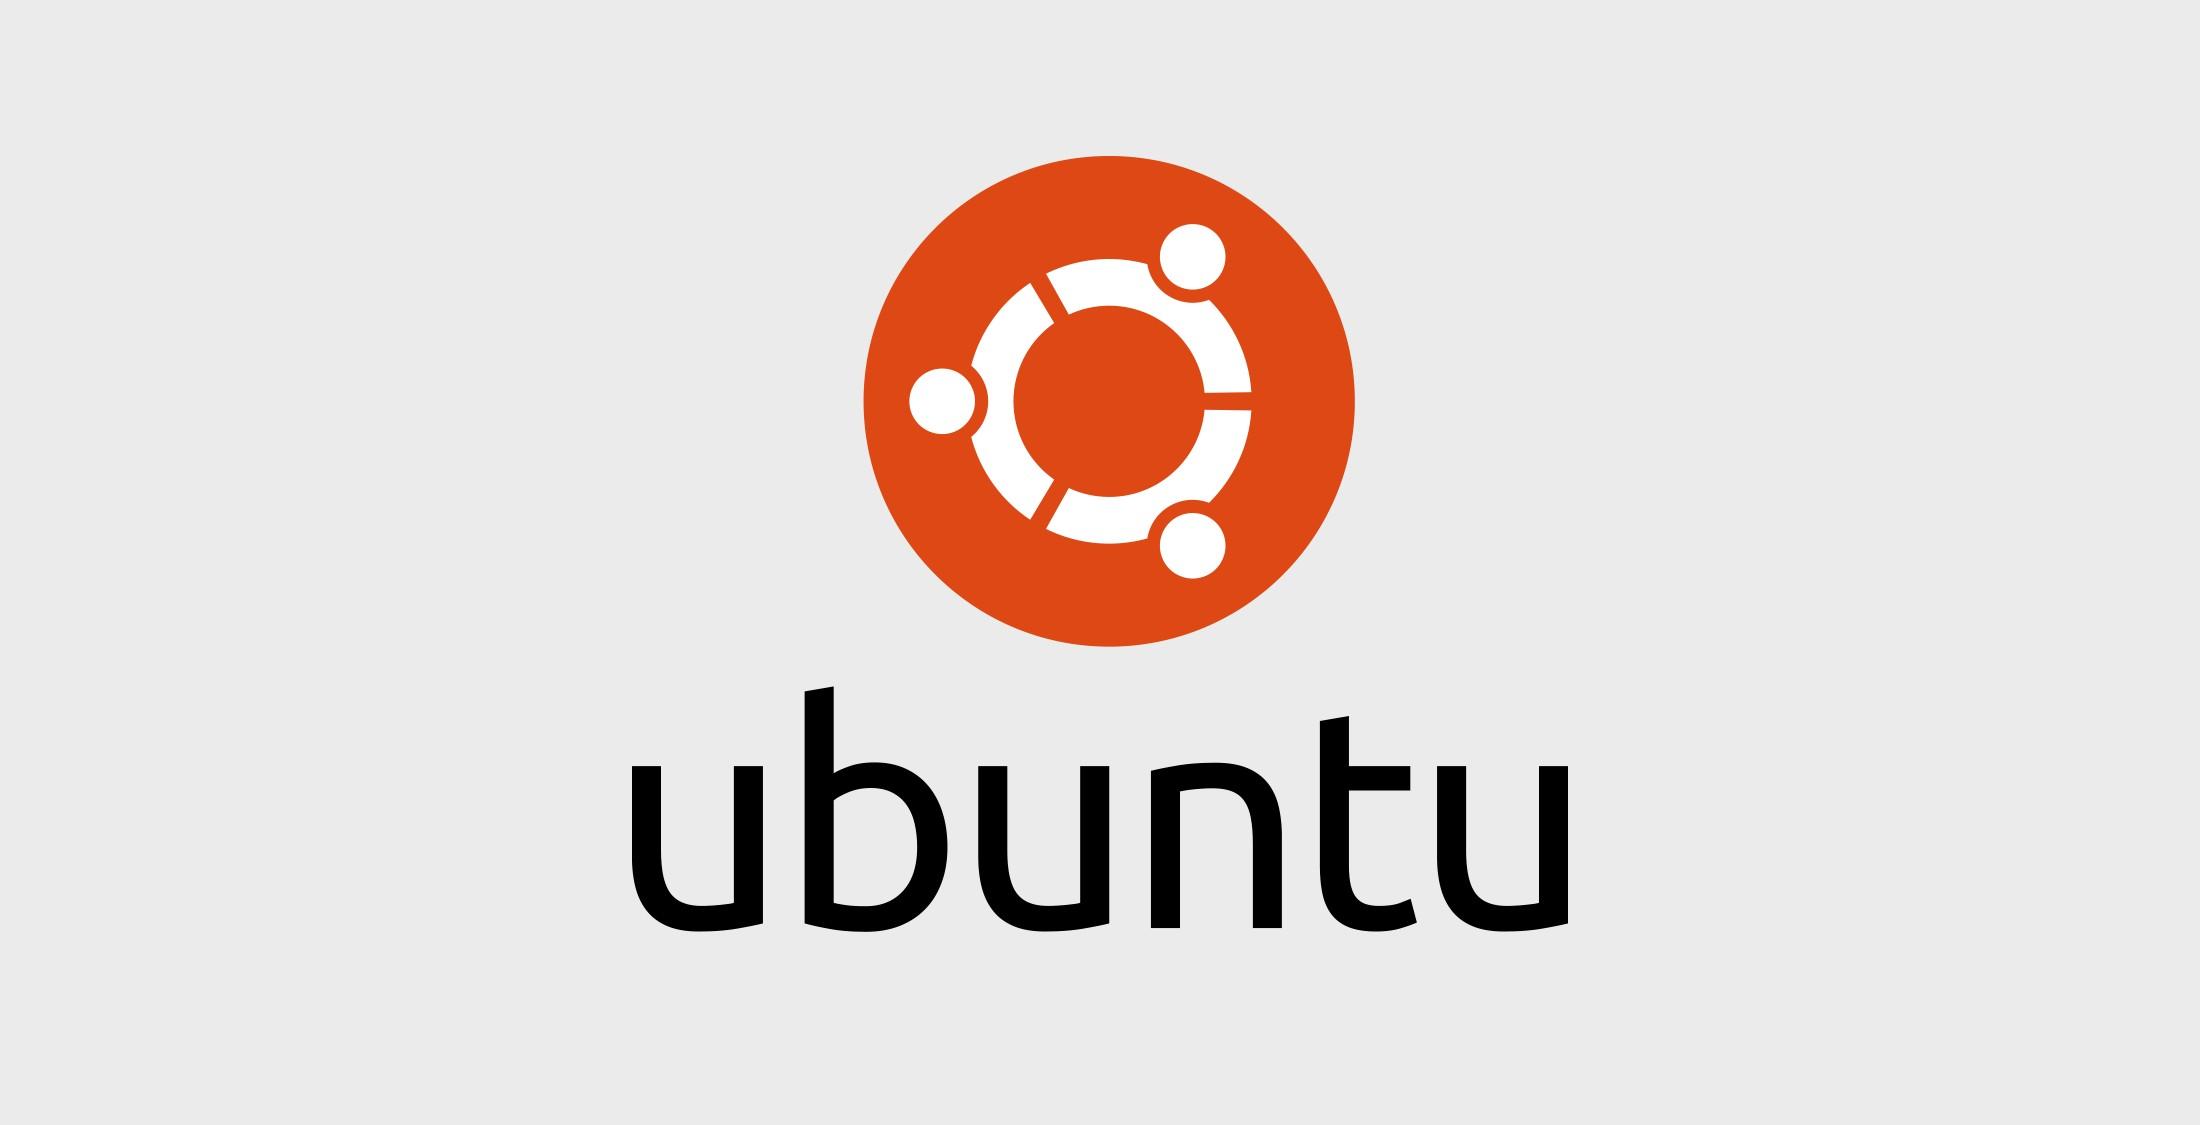 Ubuntu yüz tanıma